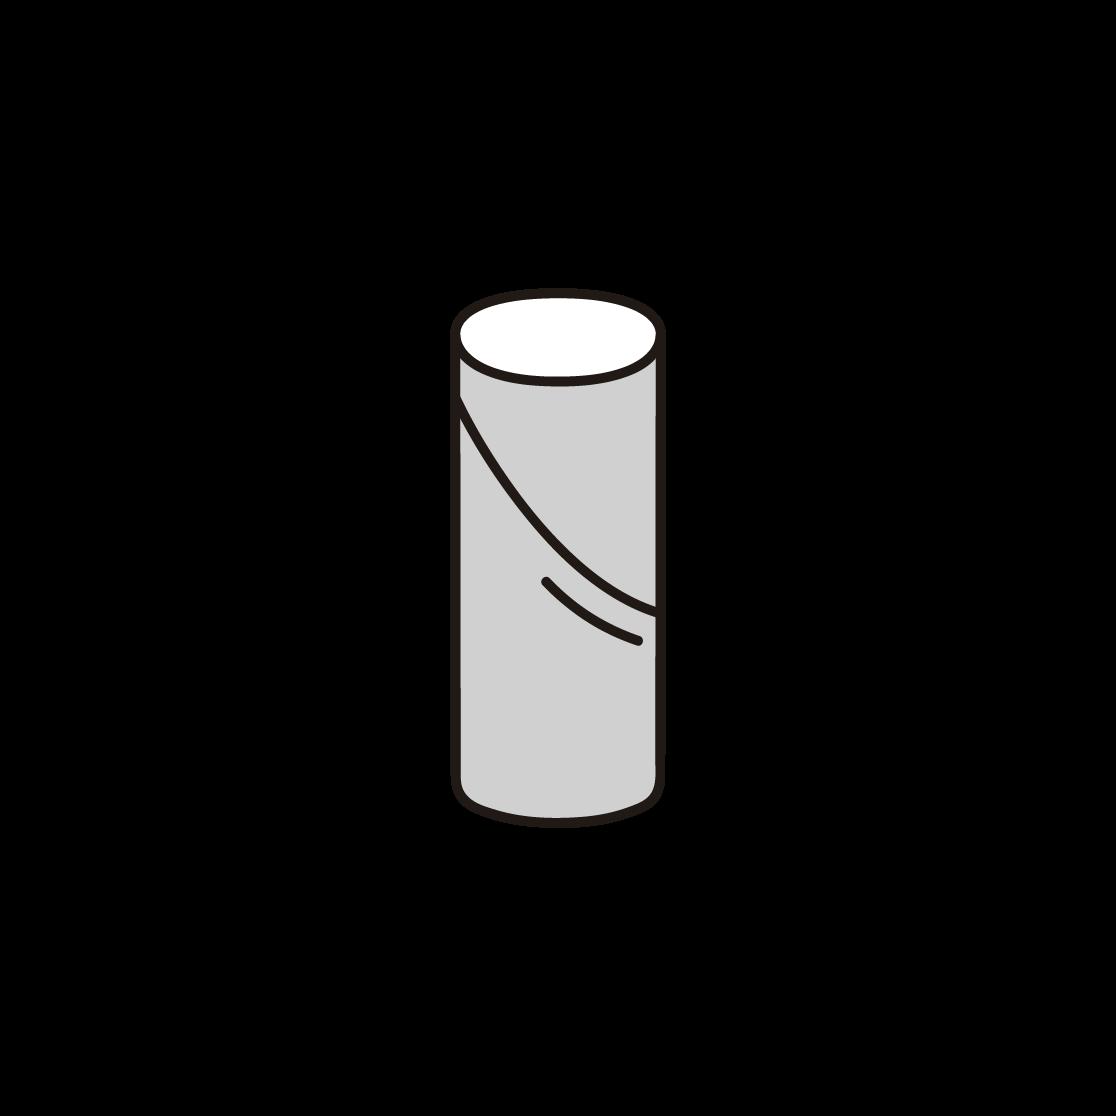 トイレットペーパーの芯の単色イラスト